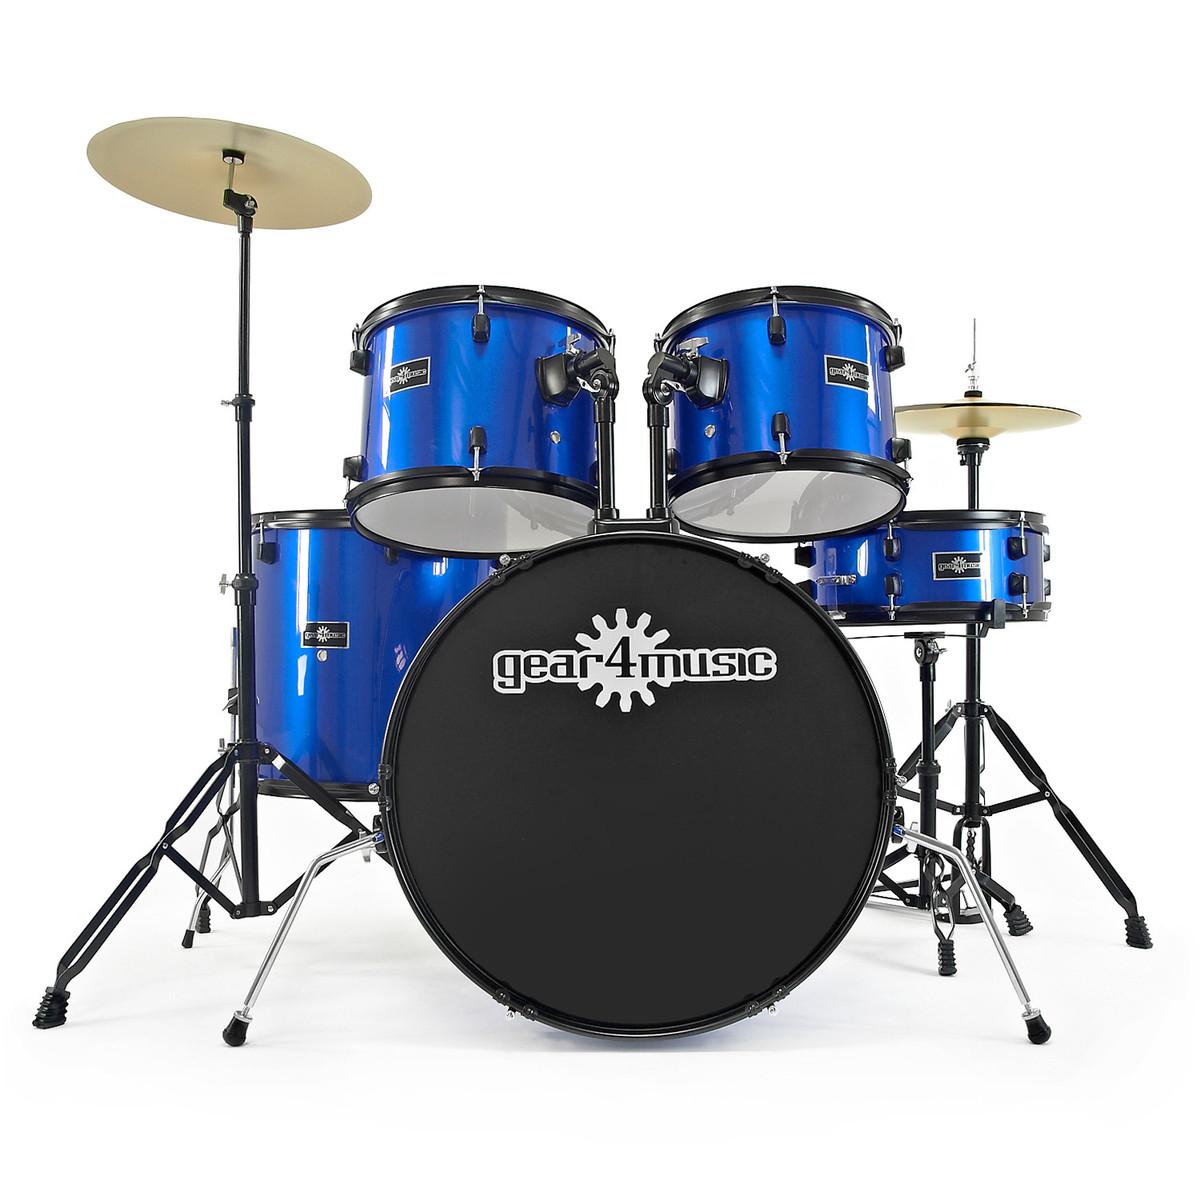 BDK 1 Full Size Starter Drum Kit By Gear4music Blue